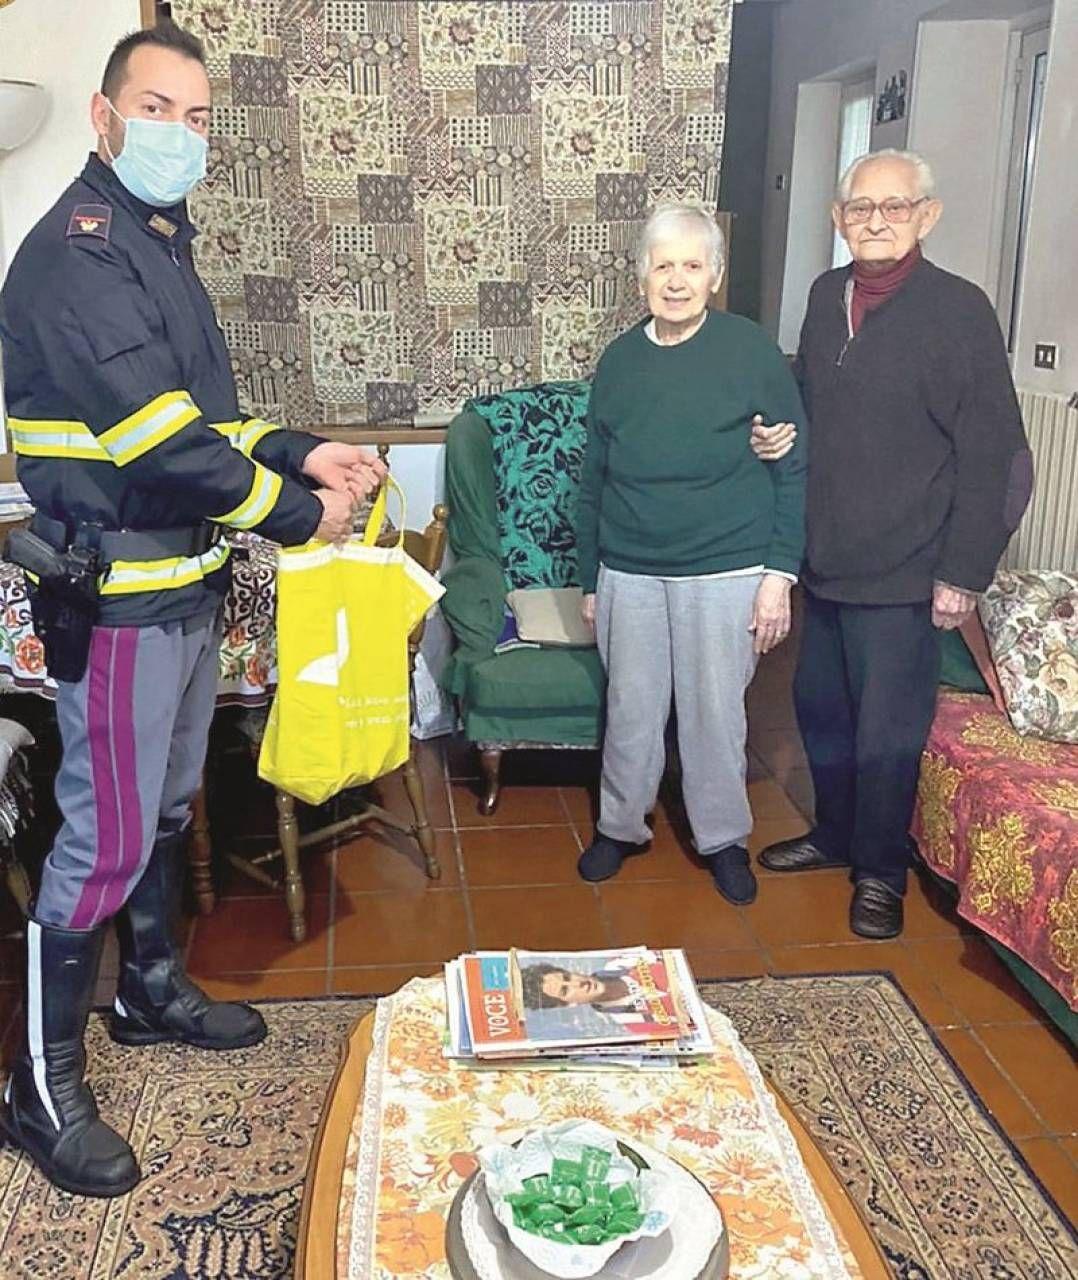 L'agente scelto della Polizia stradale Giuseppe Virgilio con Lucia e Romeo Erba